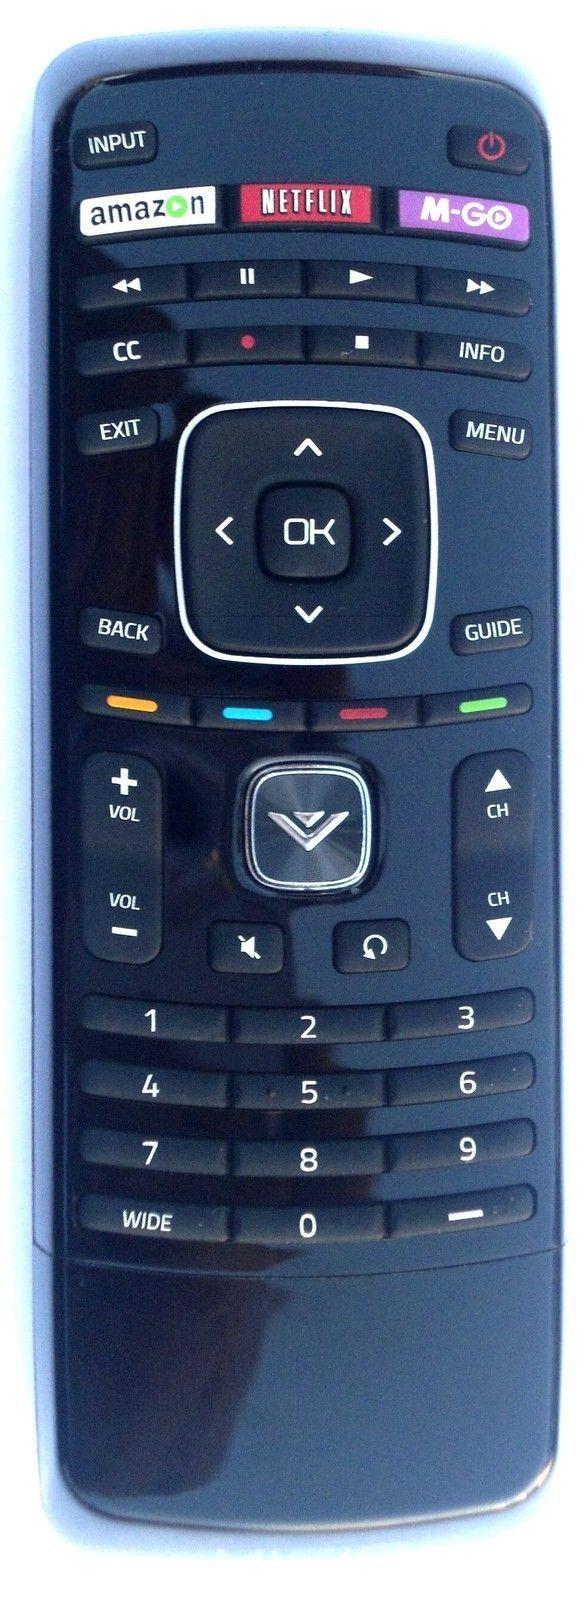 Details about New VIZIO Remote control for vizio E291iA1